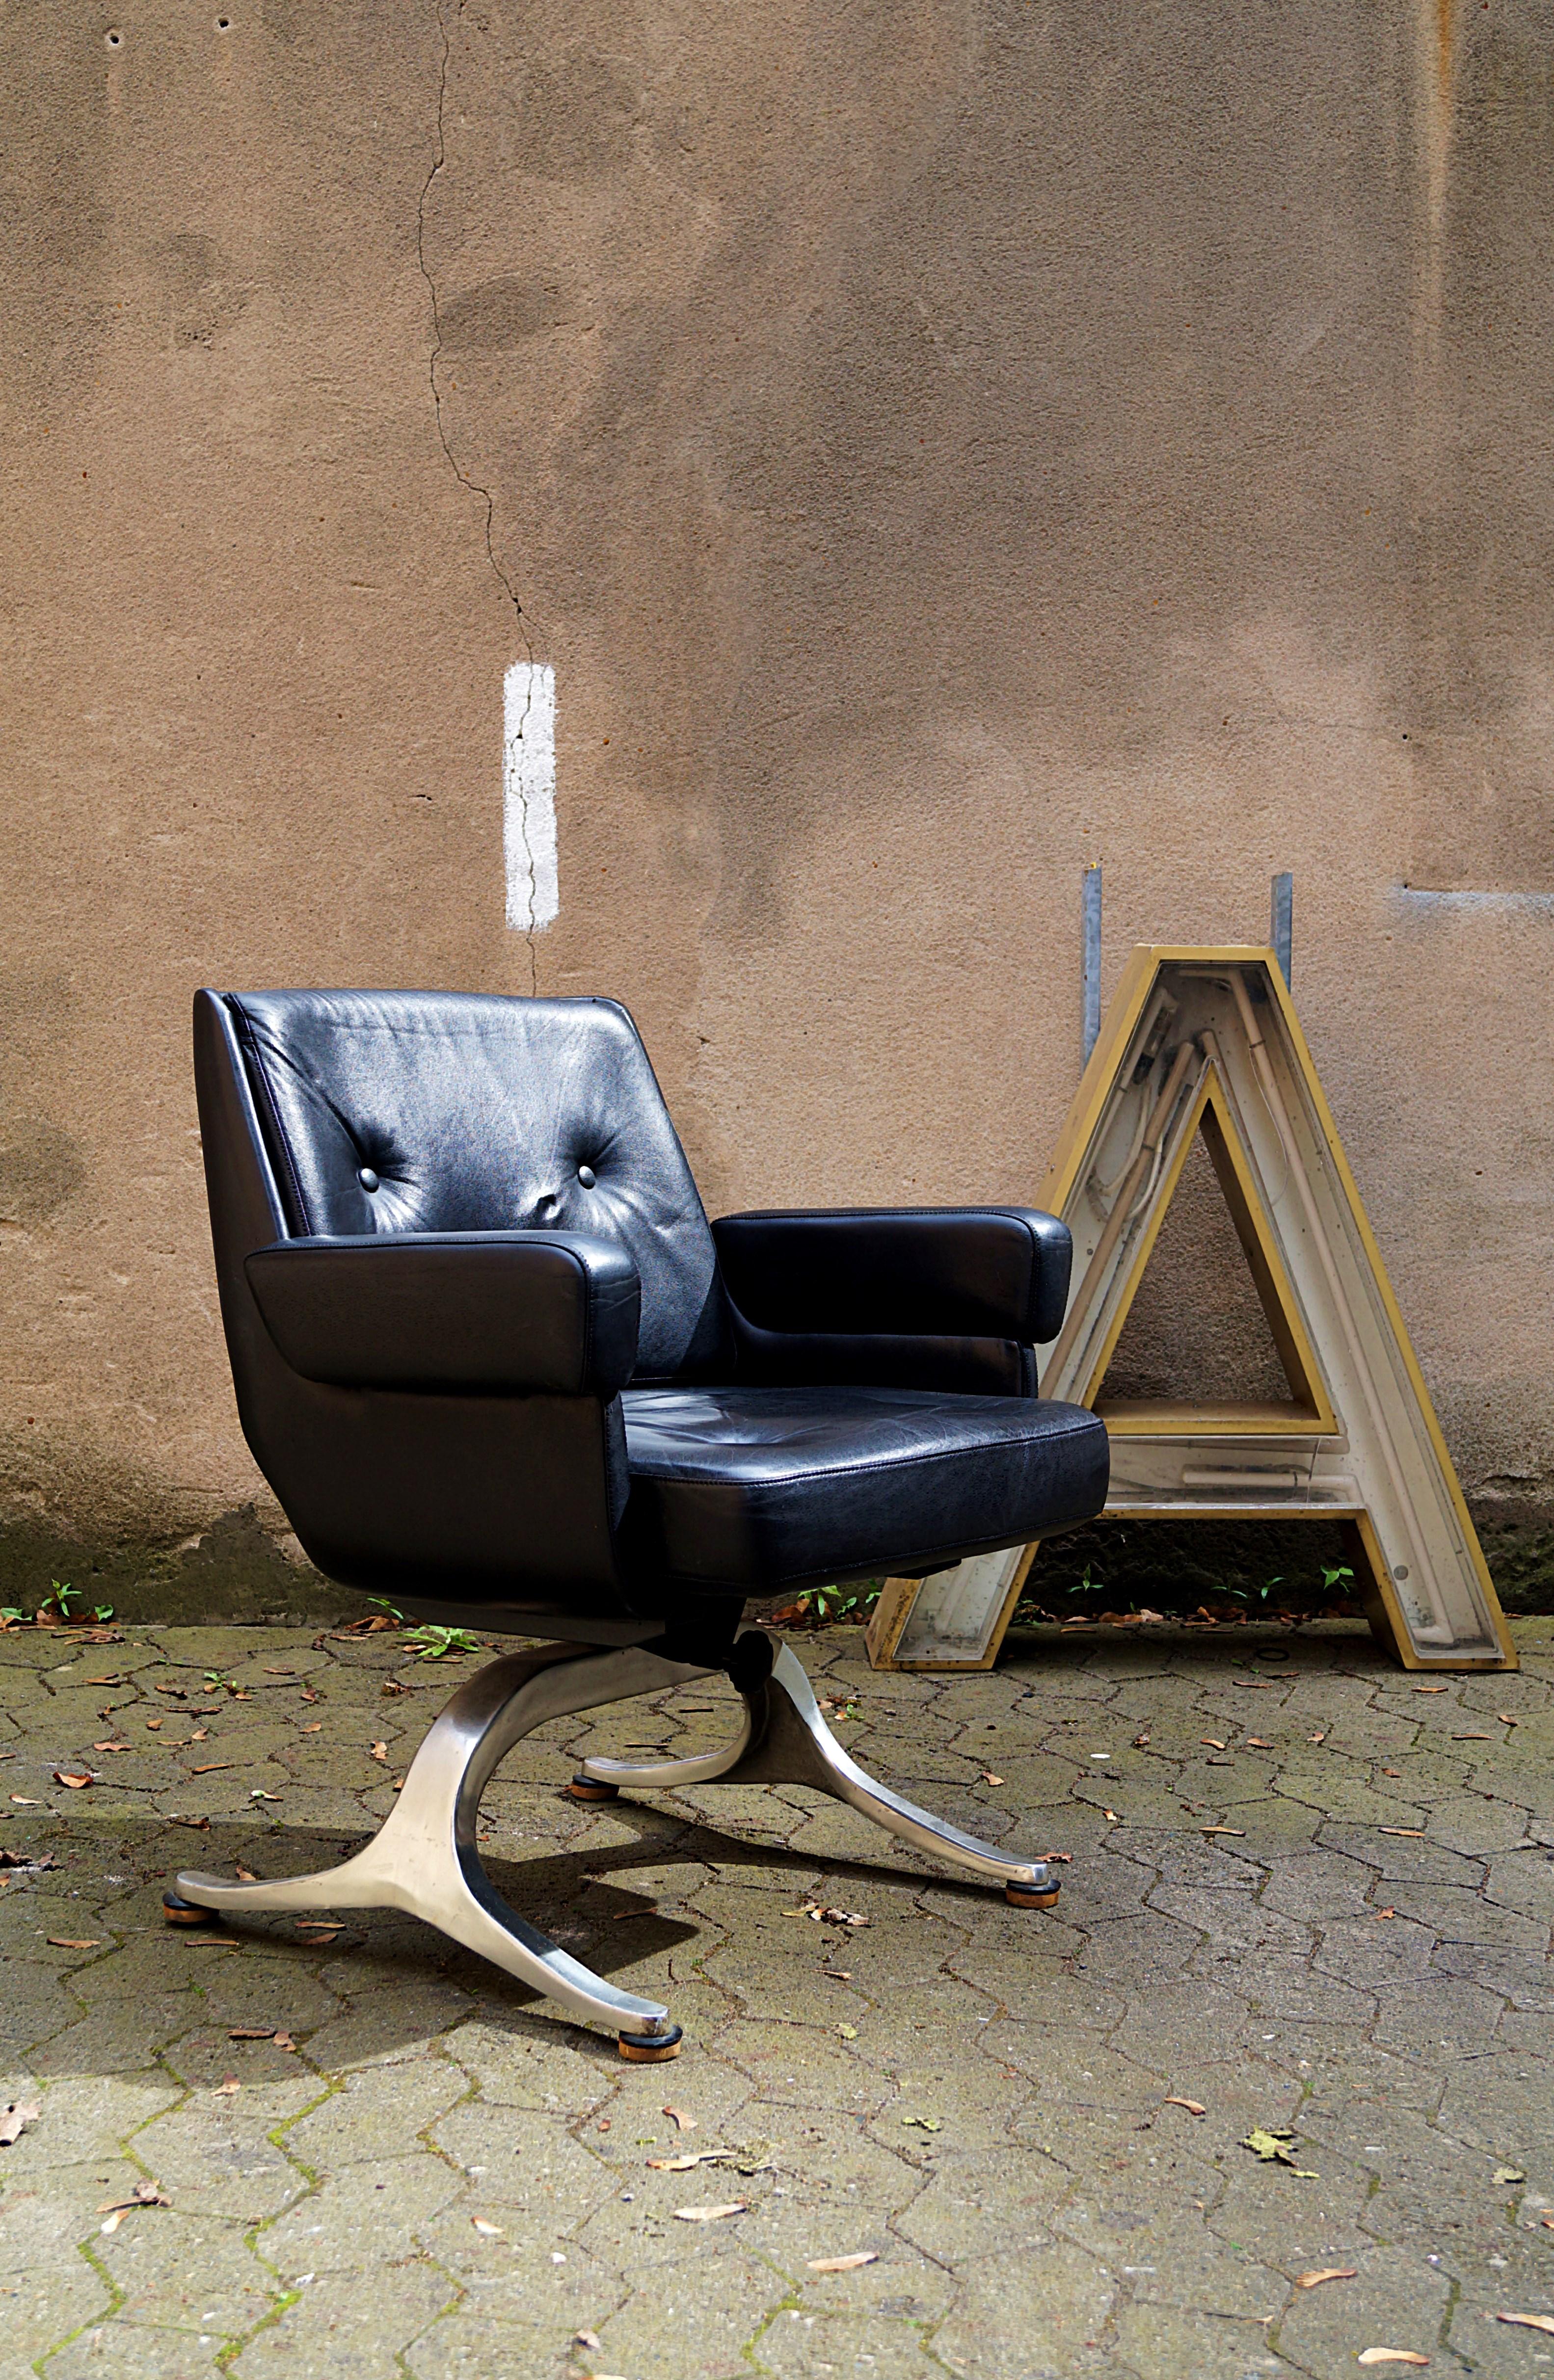 wundersch ne lounge sessel leder bild erindzain. Black Bedroom Furniture Sets. Home Design Ideas